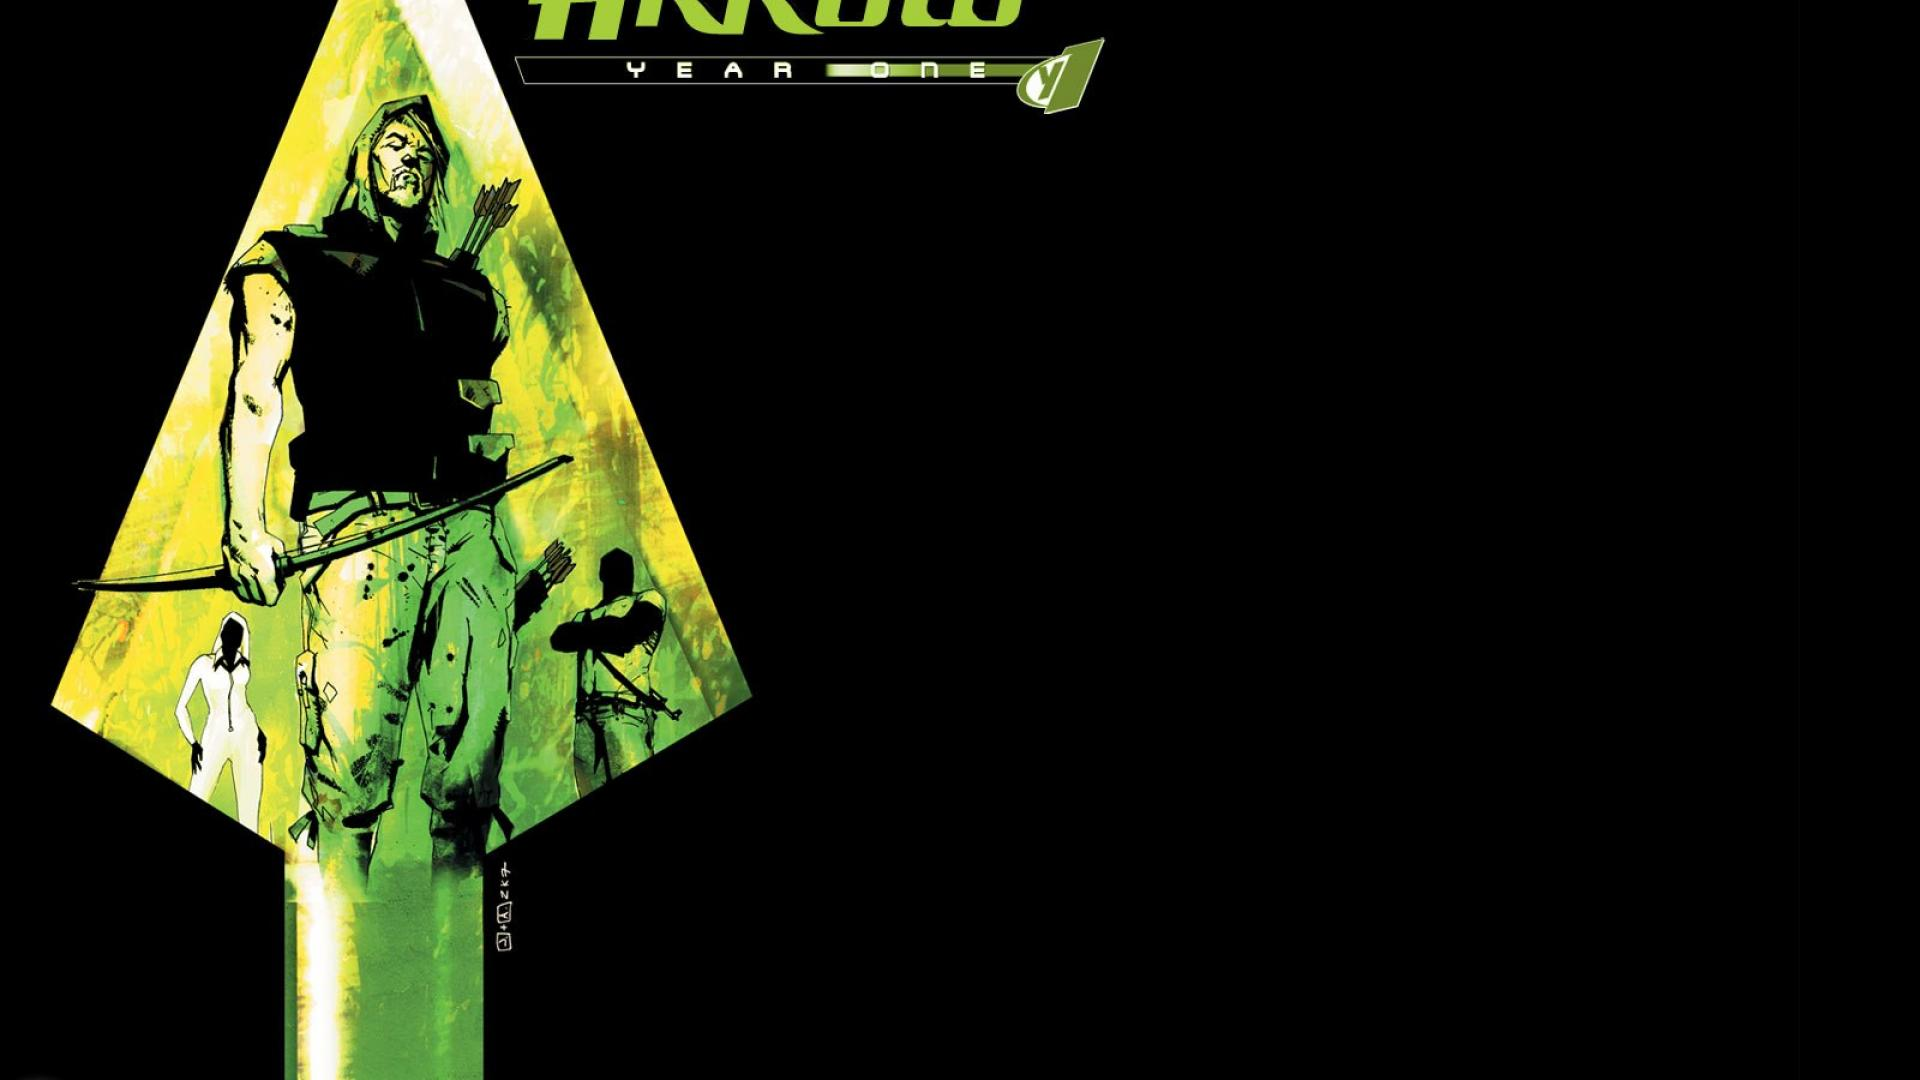 dc comics green arrow hd wallpaper   17257   HQ Desktop Wallpapers 1920x1080